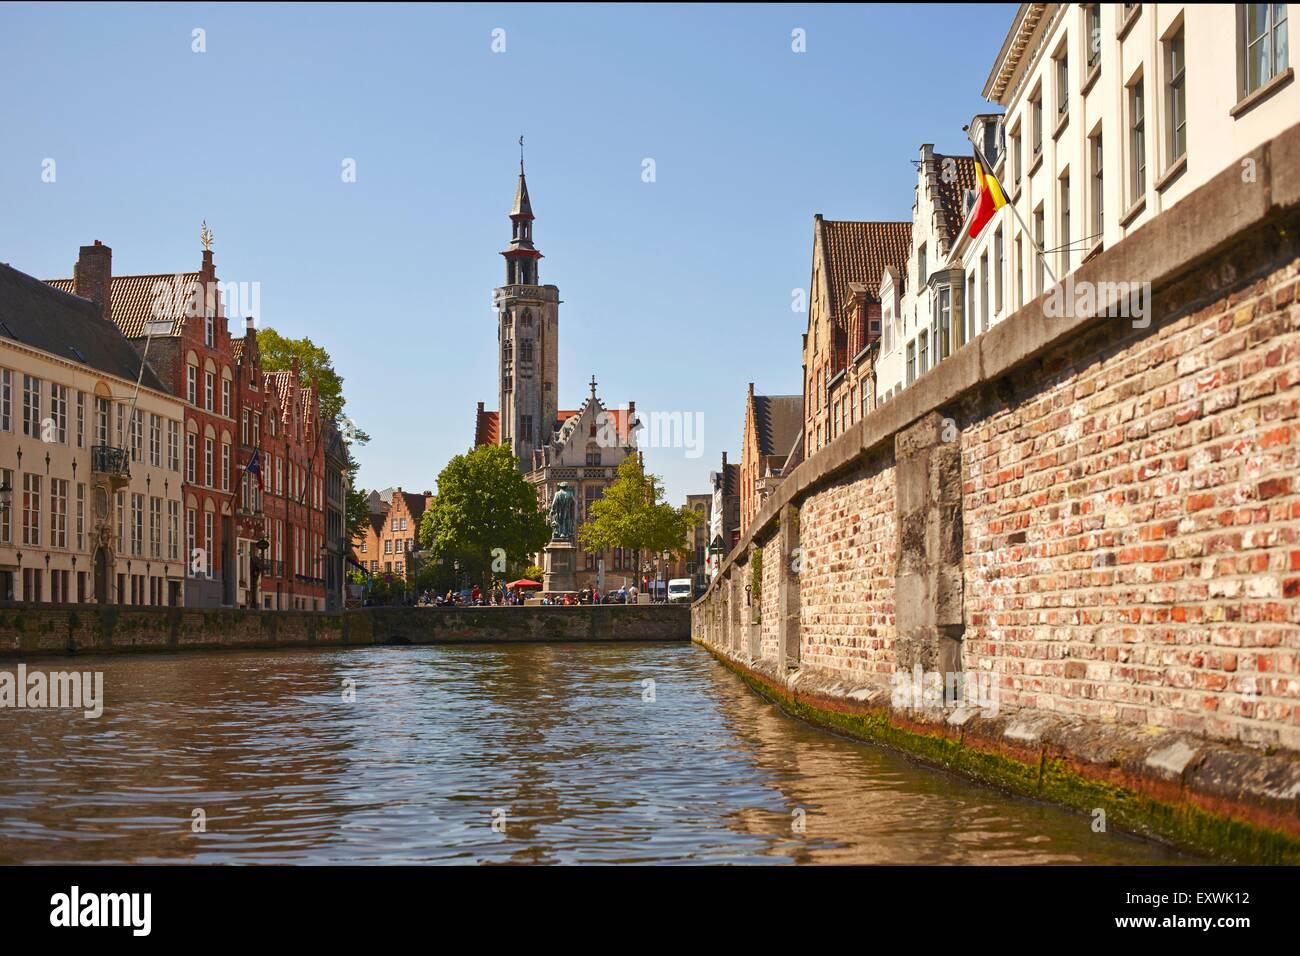 Jan van Eyck Statue and channel in Bruges, Belgium Stock Photo